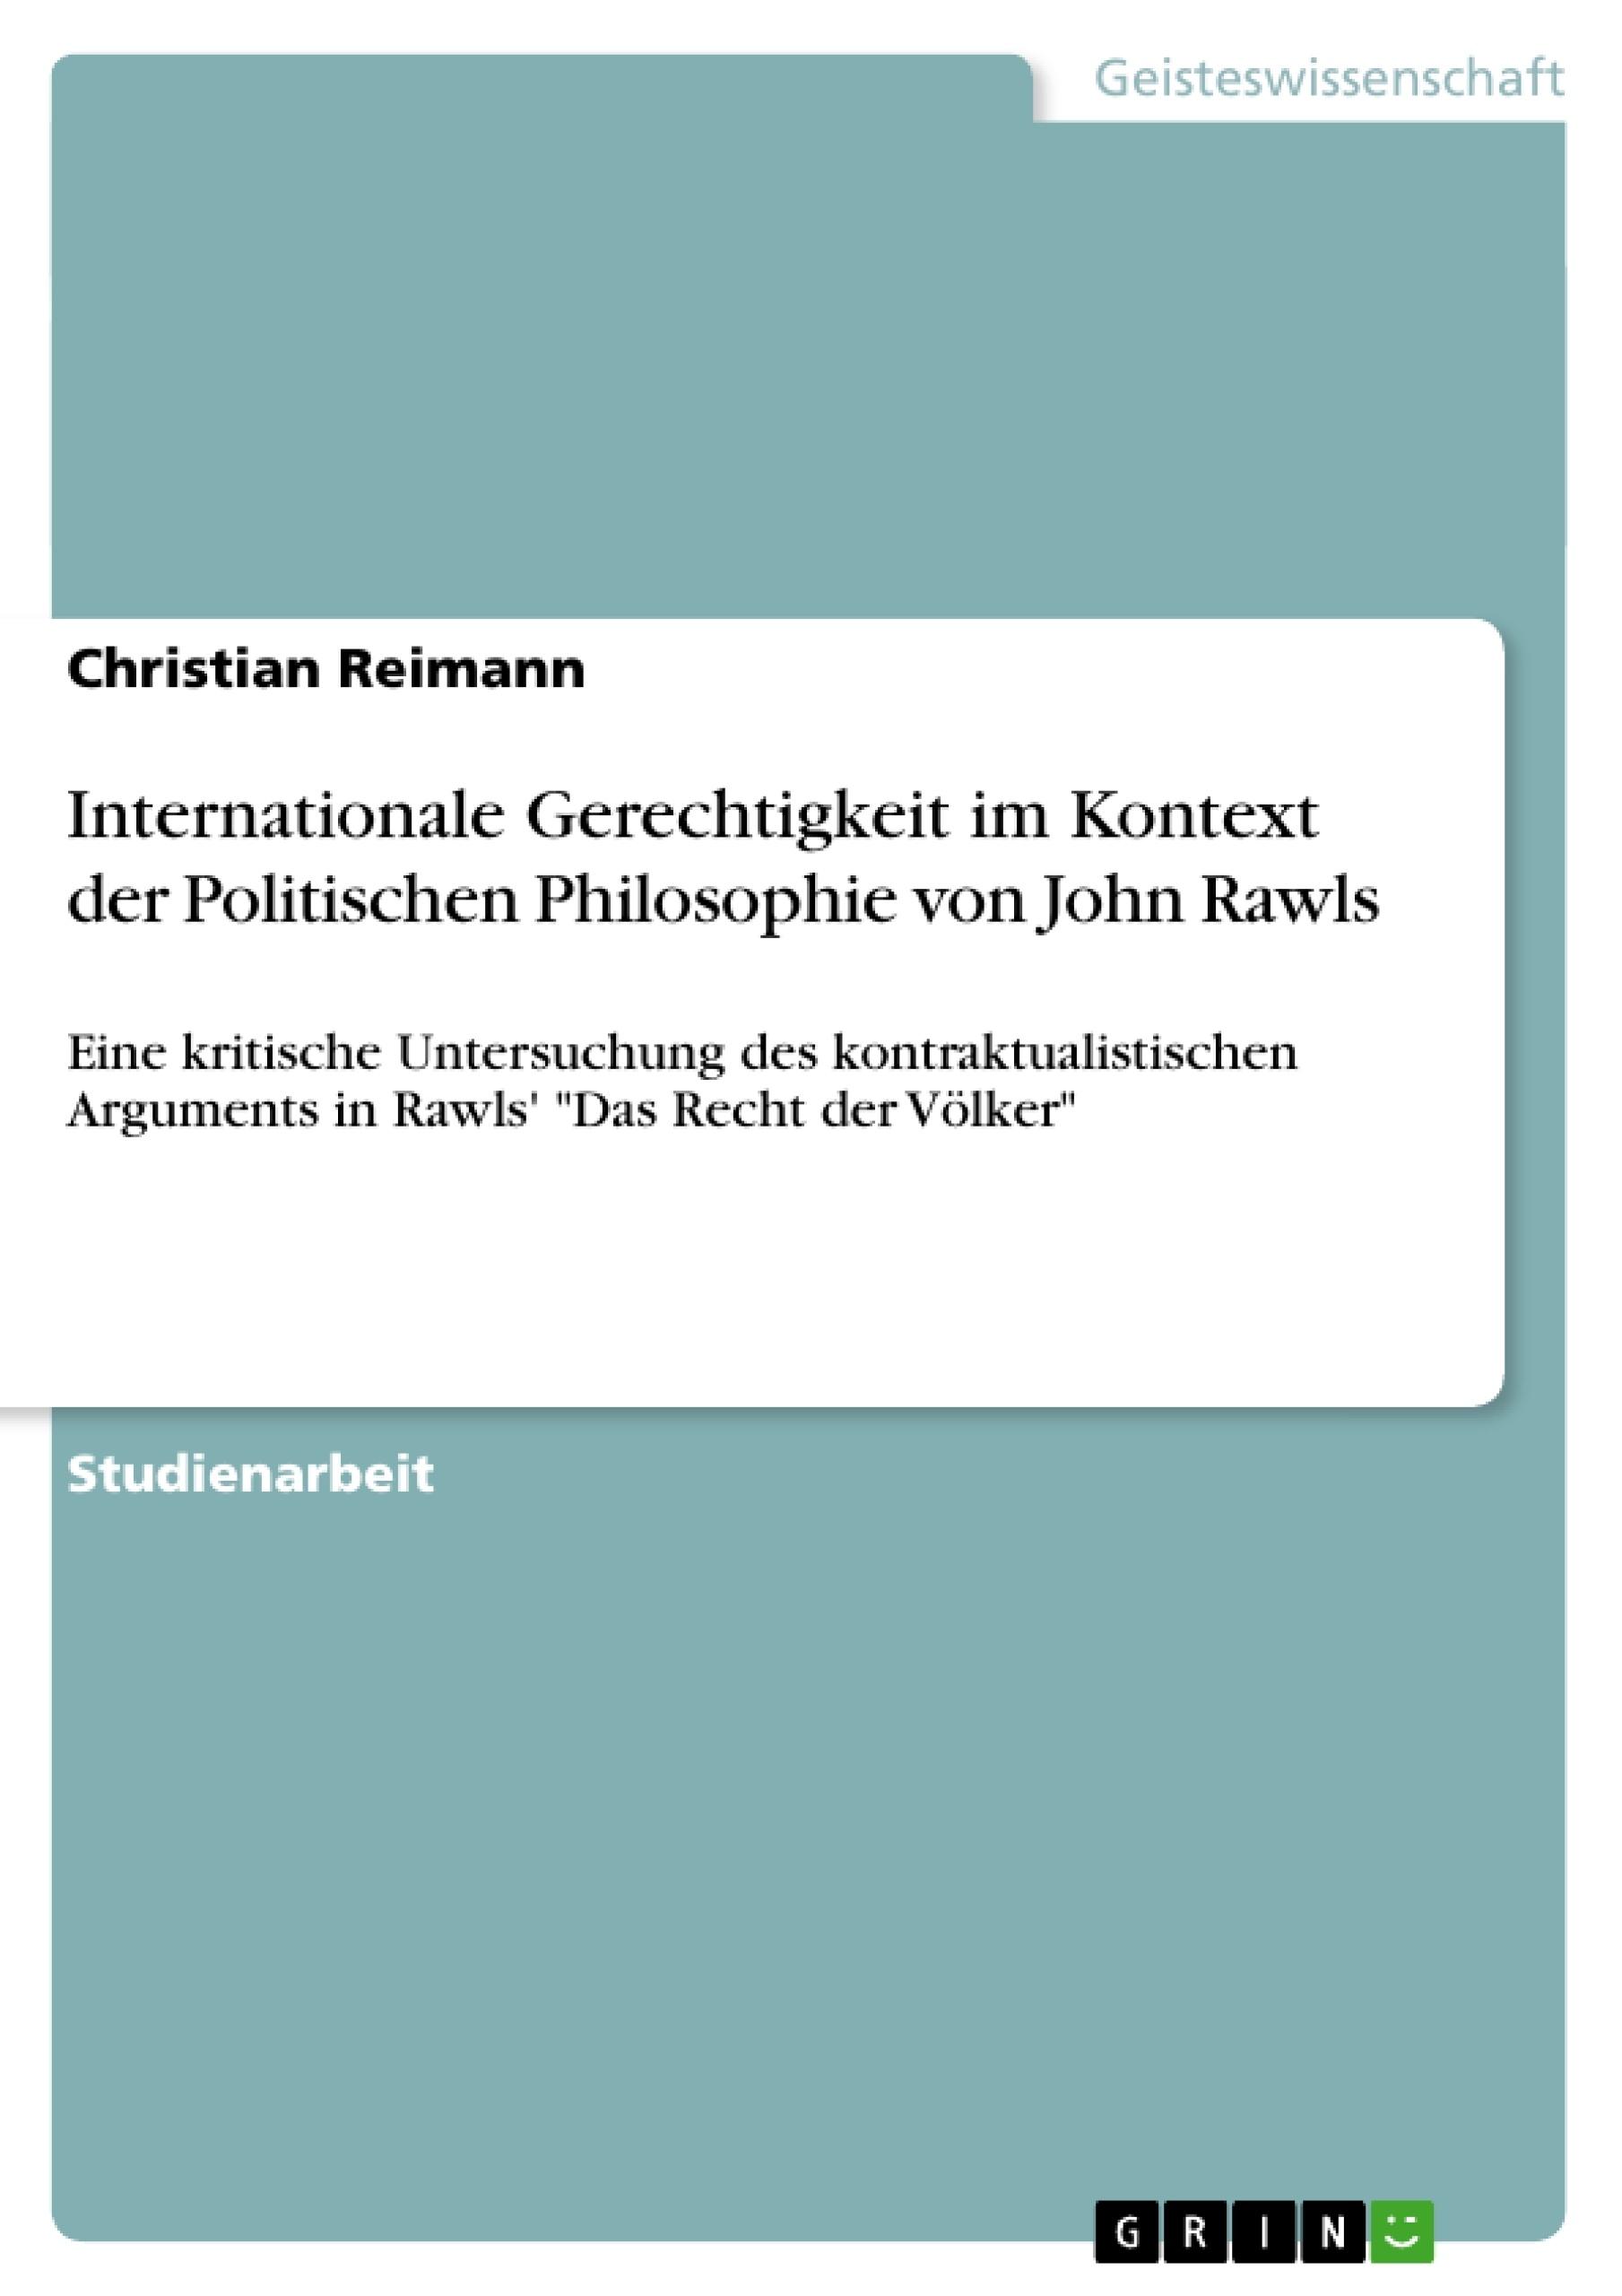 Titel: Internationale Gerechtigkeit im Kontext der Politischen Philosophie von John Rawls